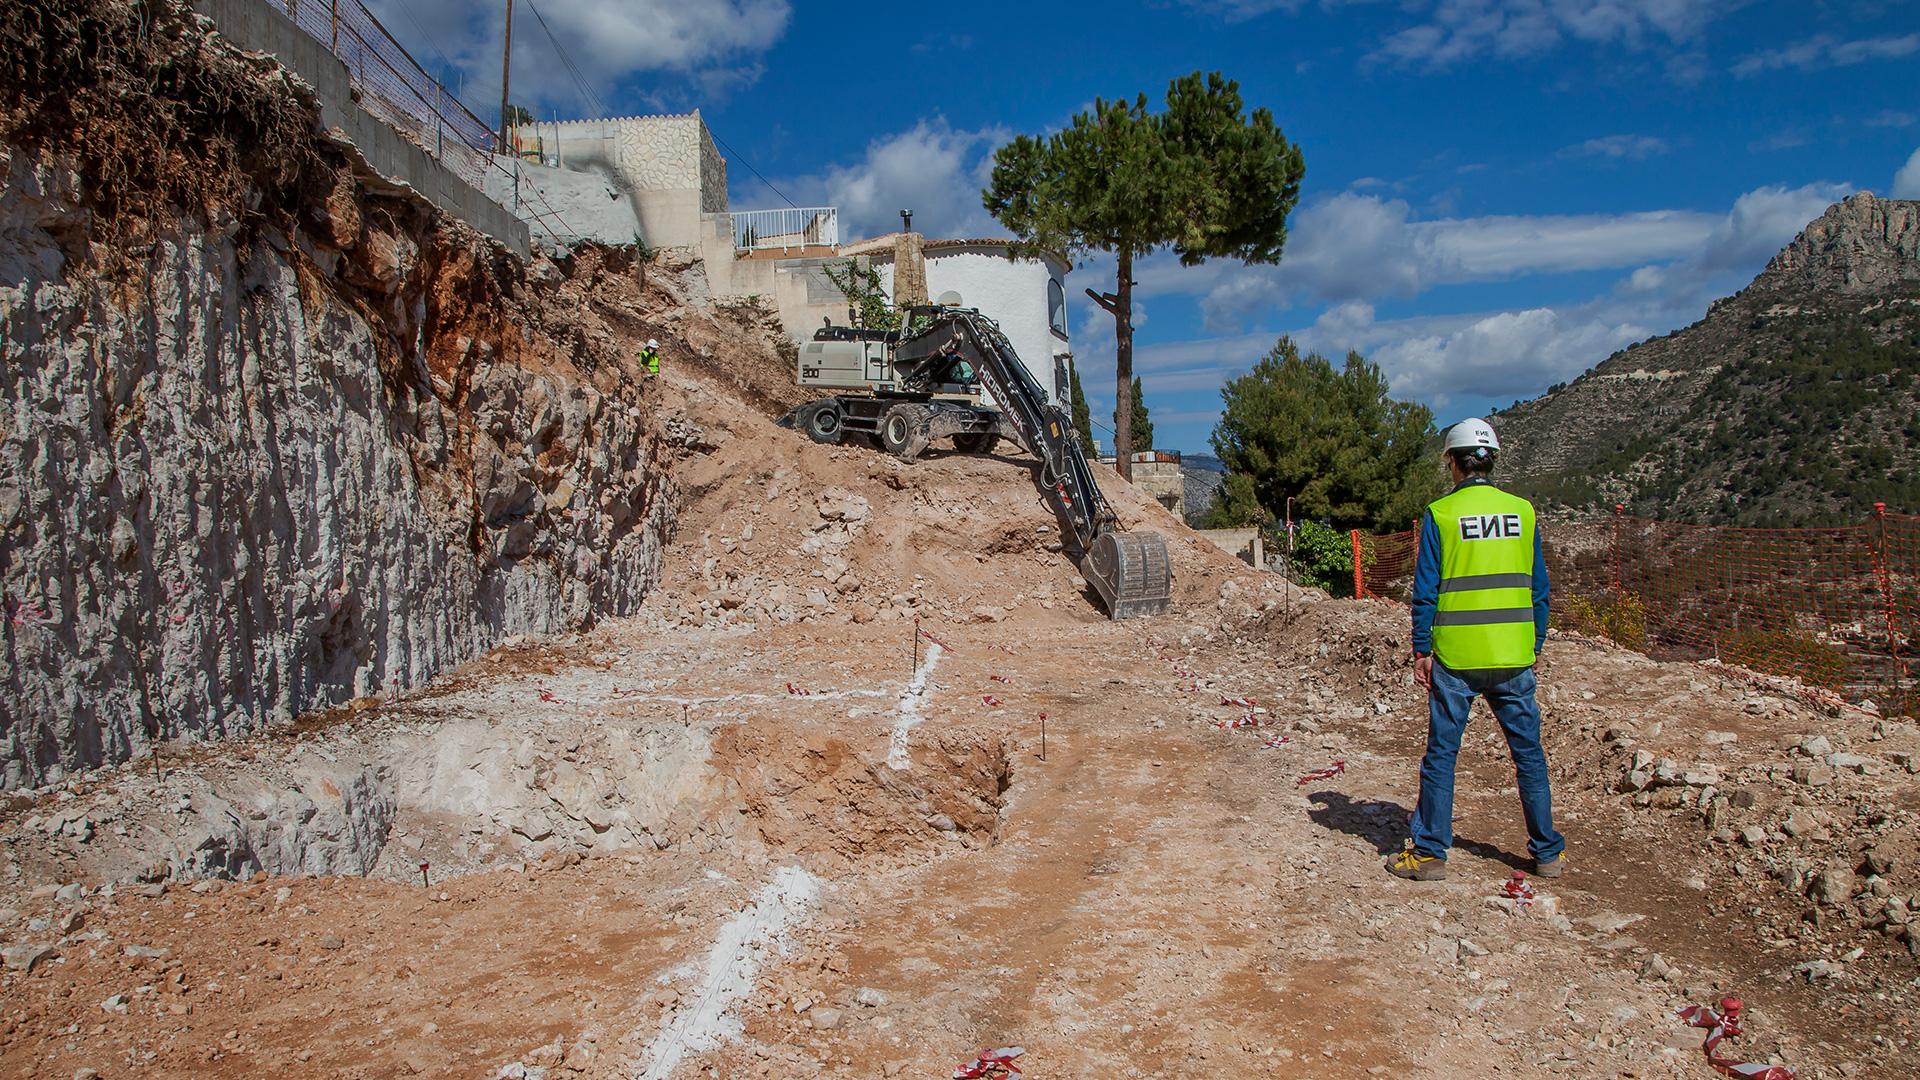 Vivienda unifamiliar en Altea, Casa espejo de agua, ENE Construcción, constructora en España, Fran Silvestre Arquitectos